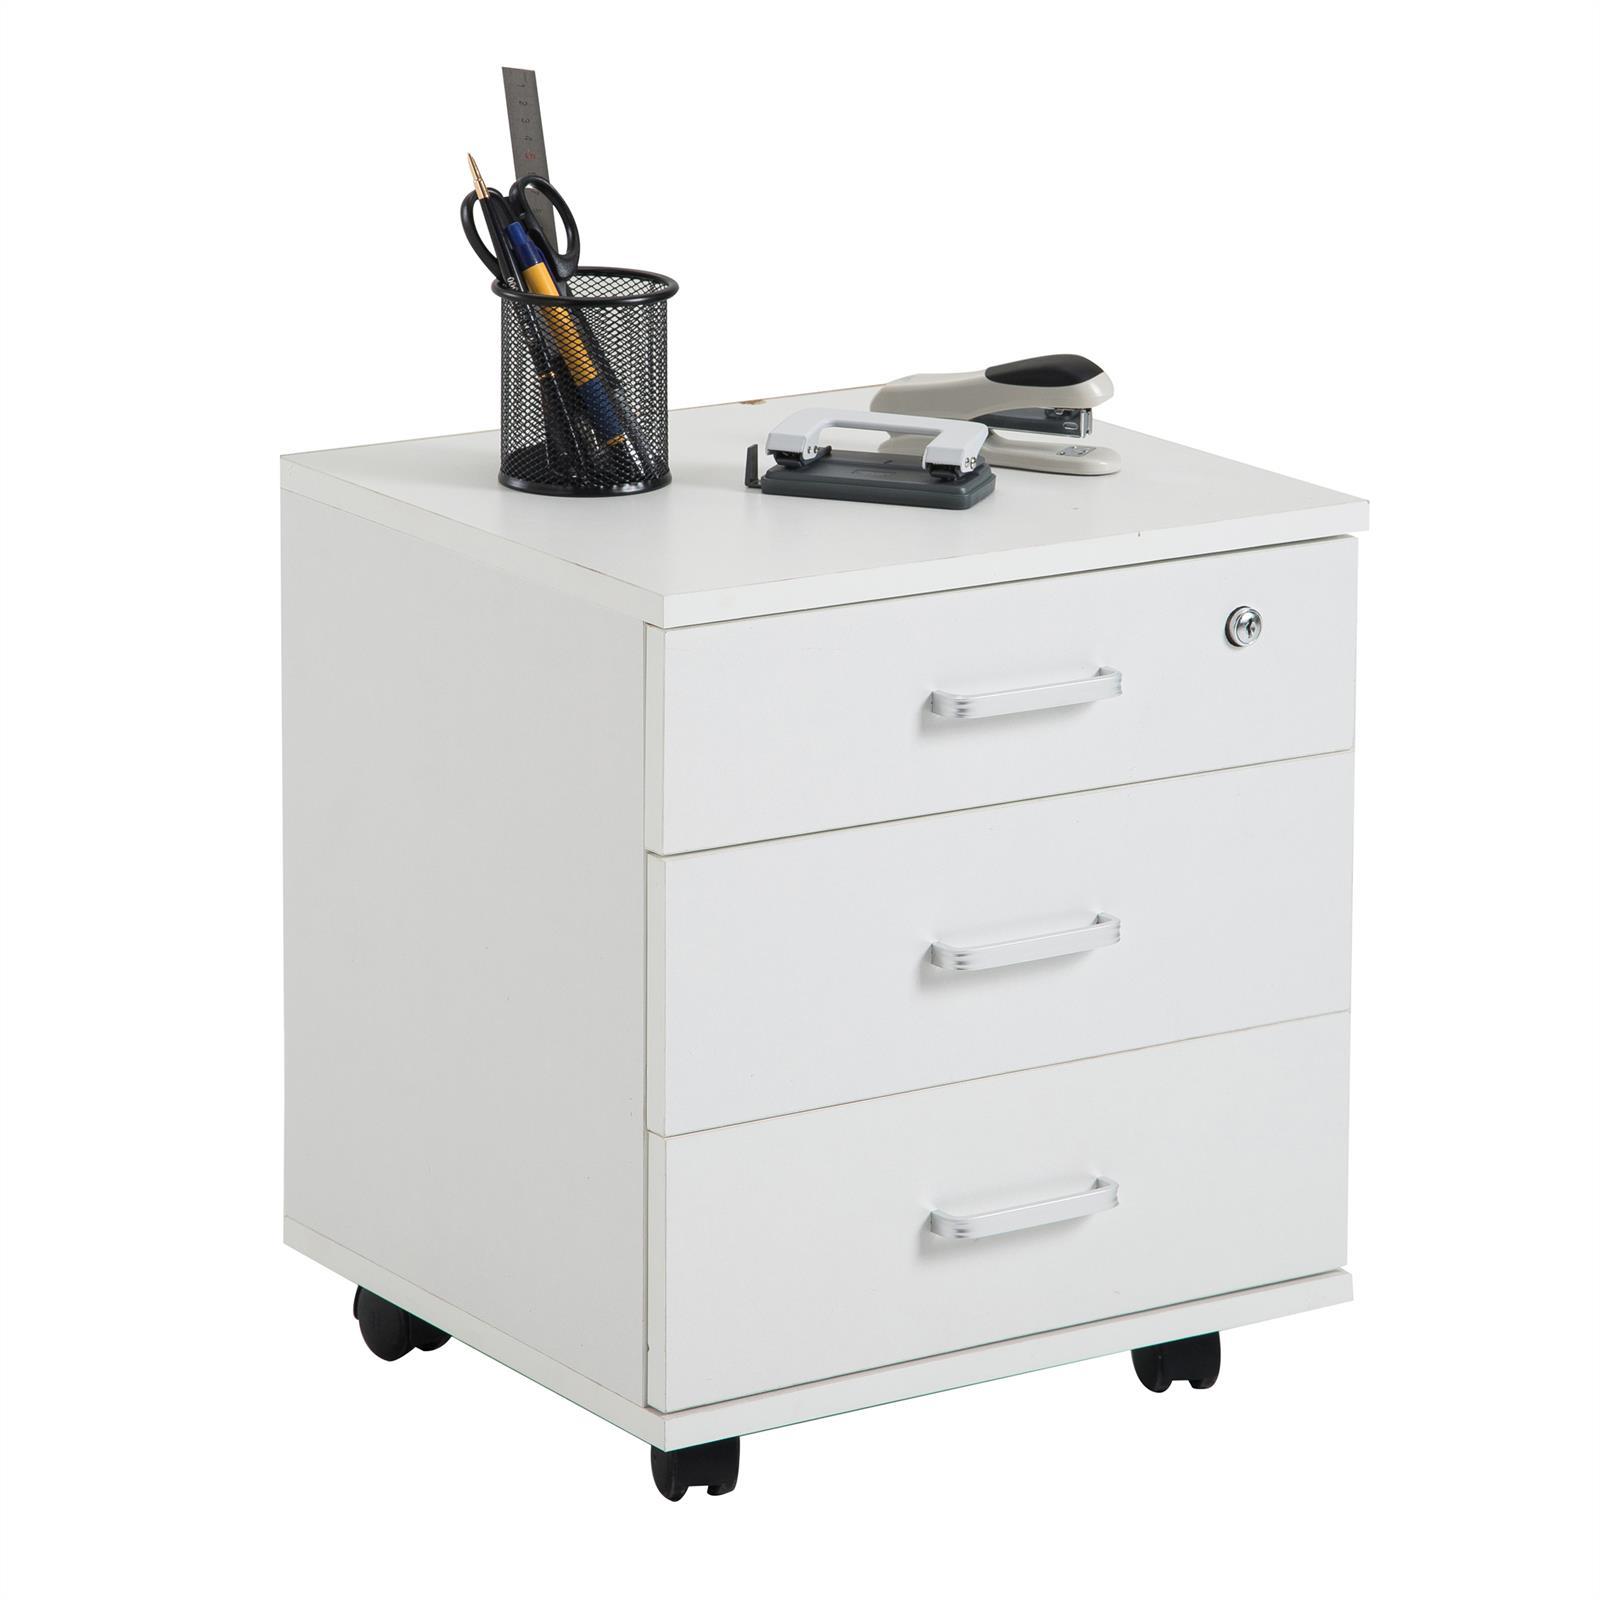 rollcontainer saturn mit 3 schubladen in wei caro m bel. Black Bedroom Furniture Sets. Home Design Ideas